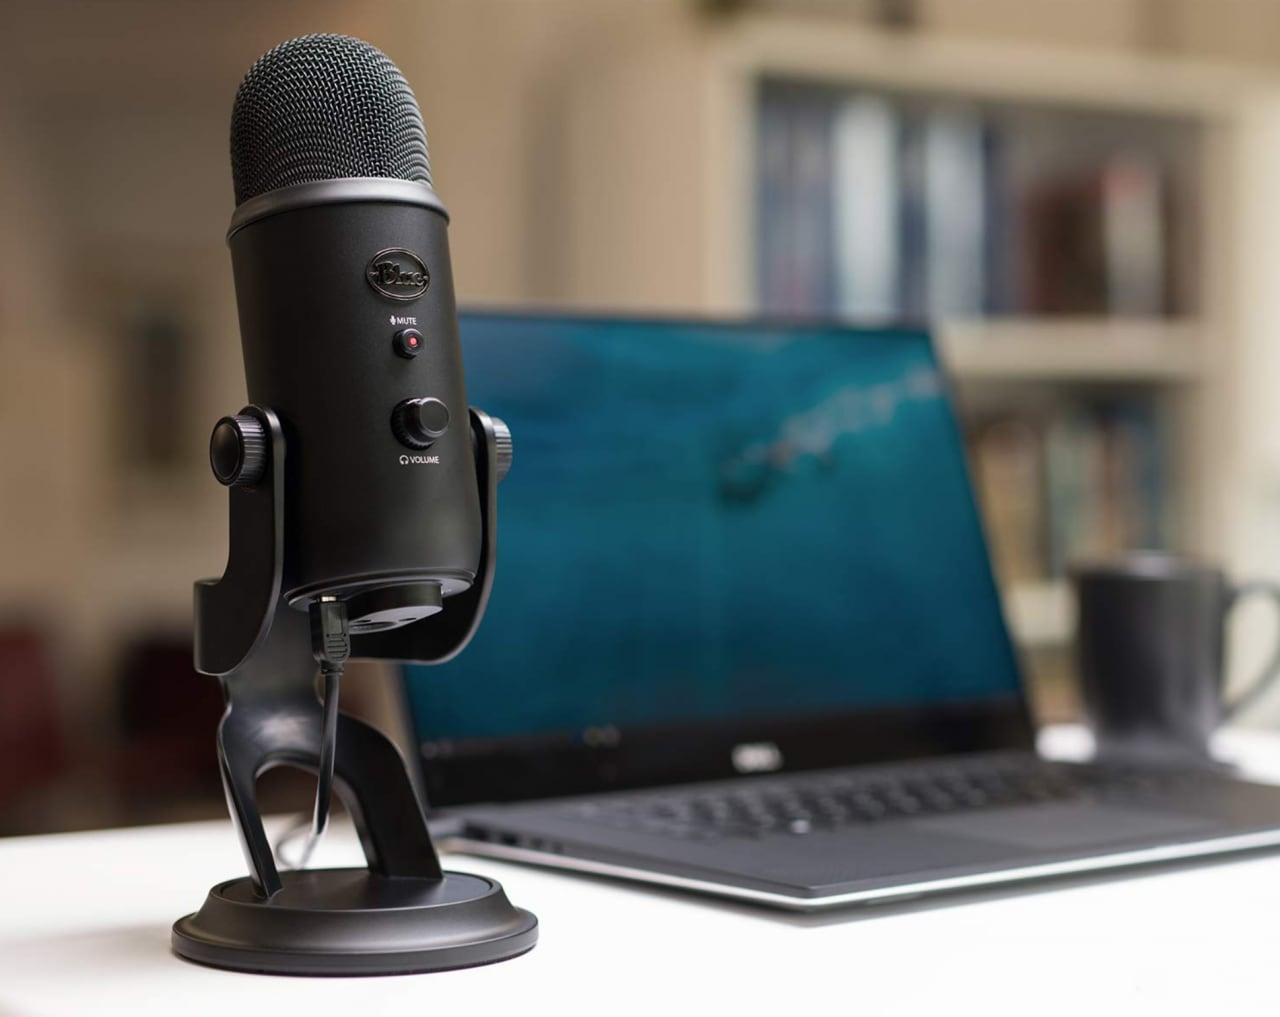 Offerta speciale per il microfono preferito dagli streamer: Blue Yeti in sconto a 105€ (aggiornato)